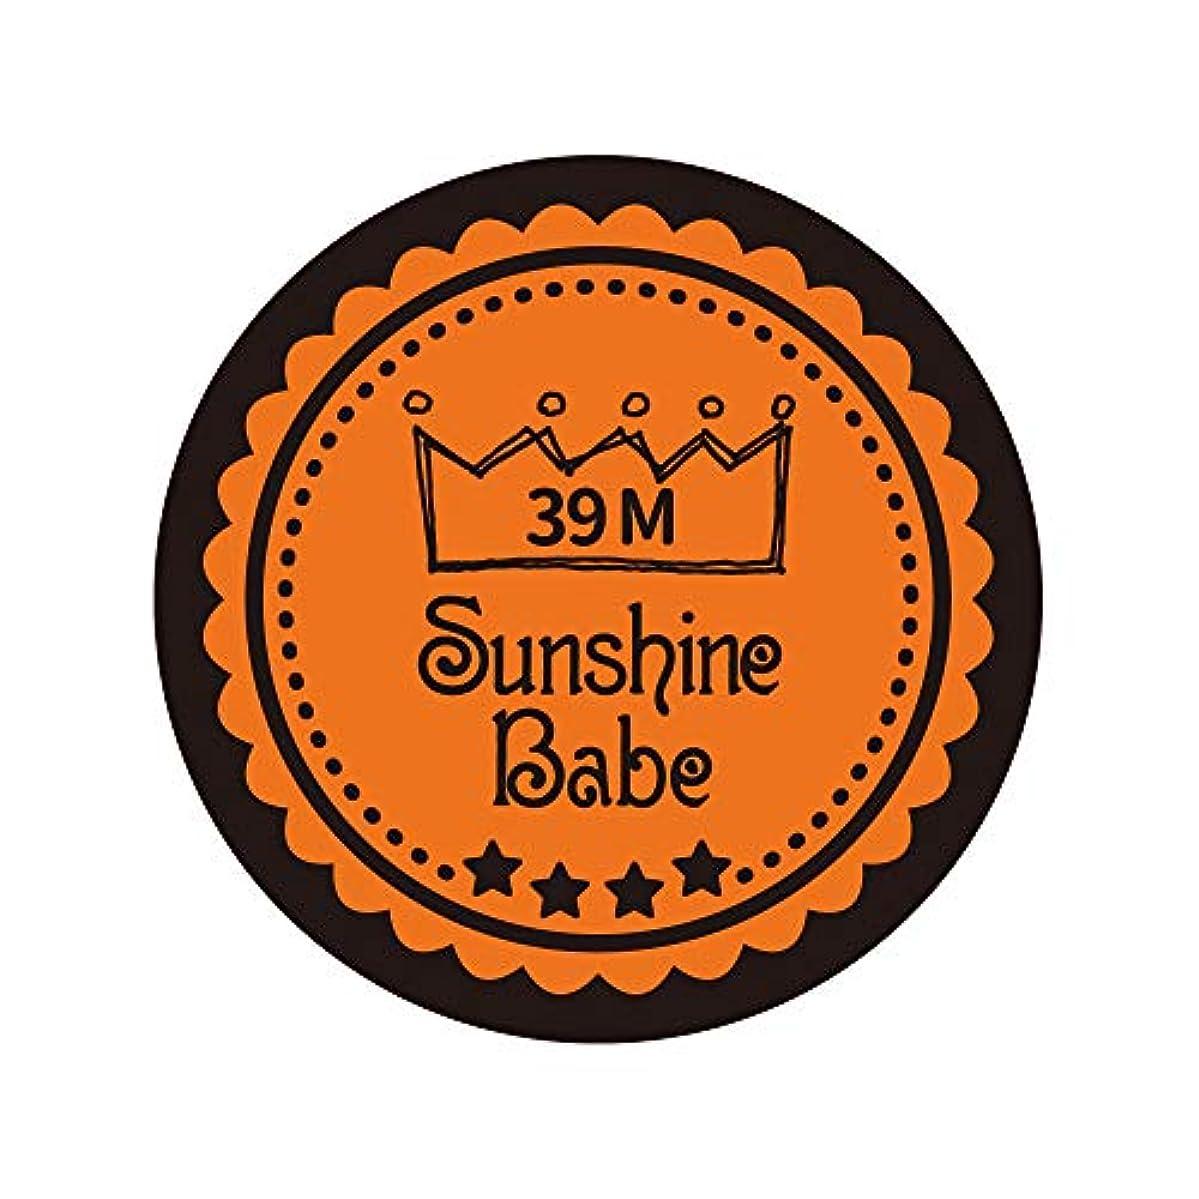 ピストン一元化する力Sunshine Babe カラージェル 39M ラセットオレンジ 2.7g UV/LED対応